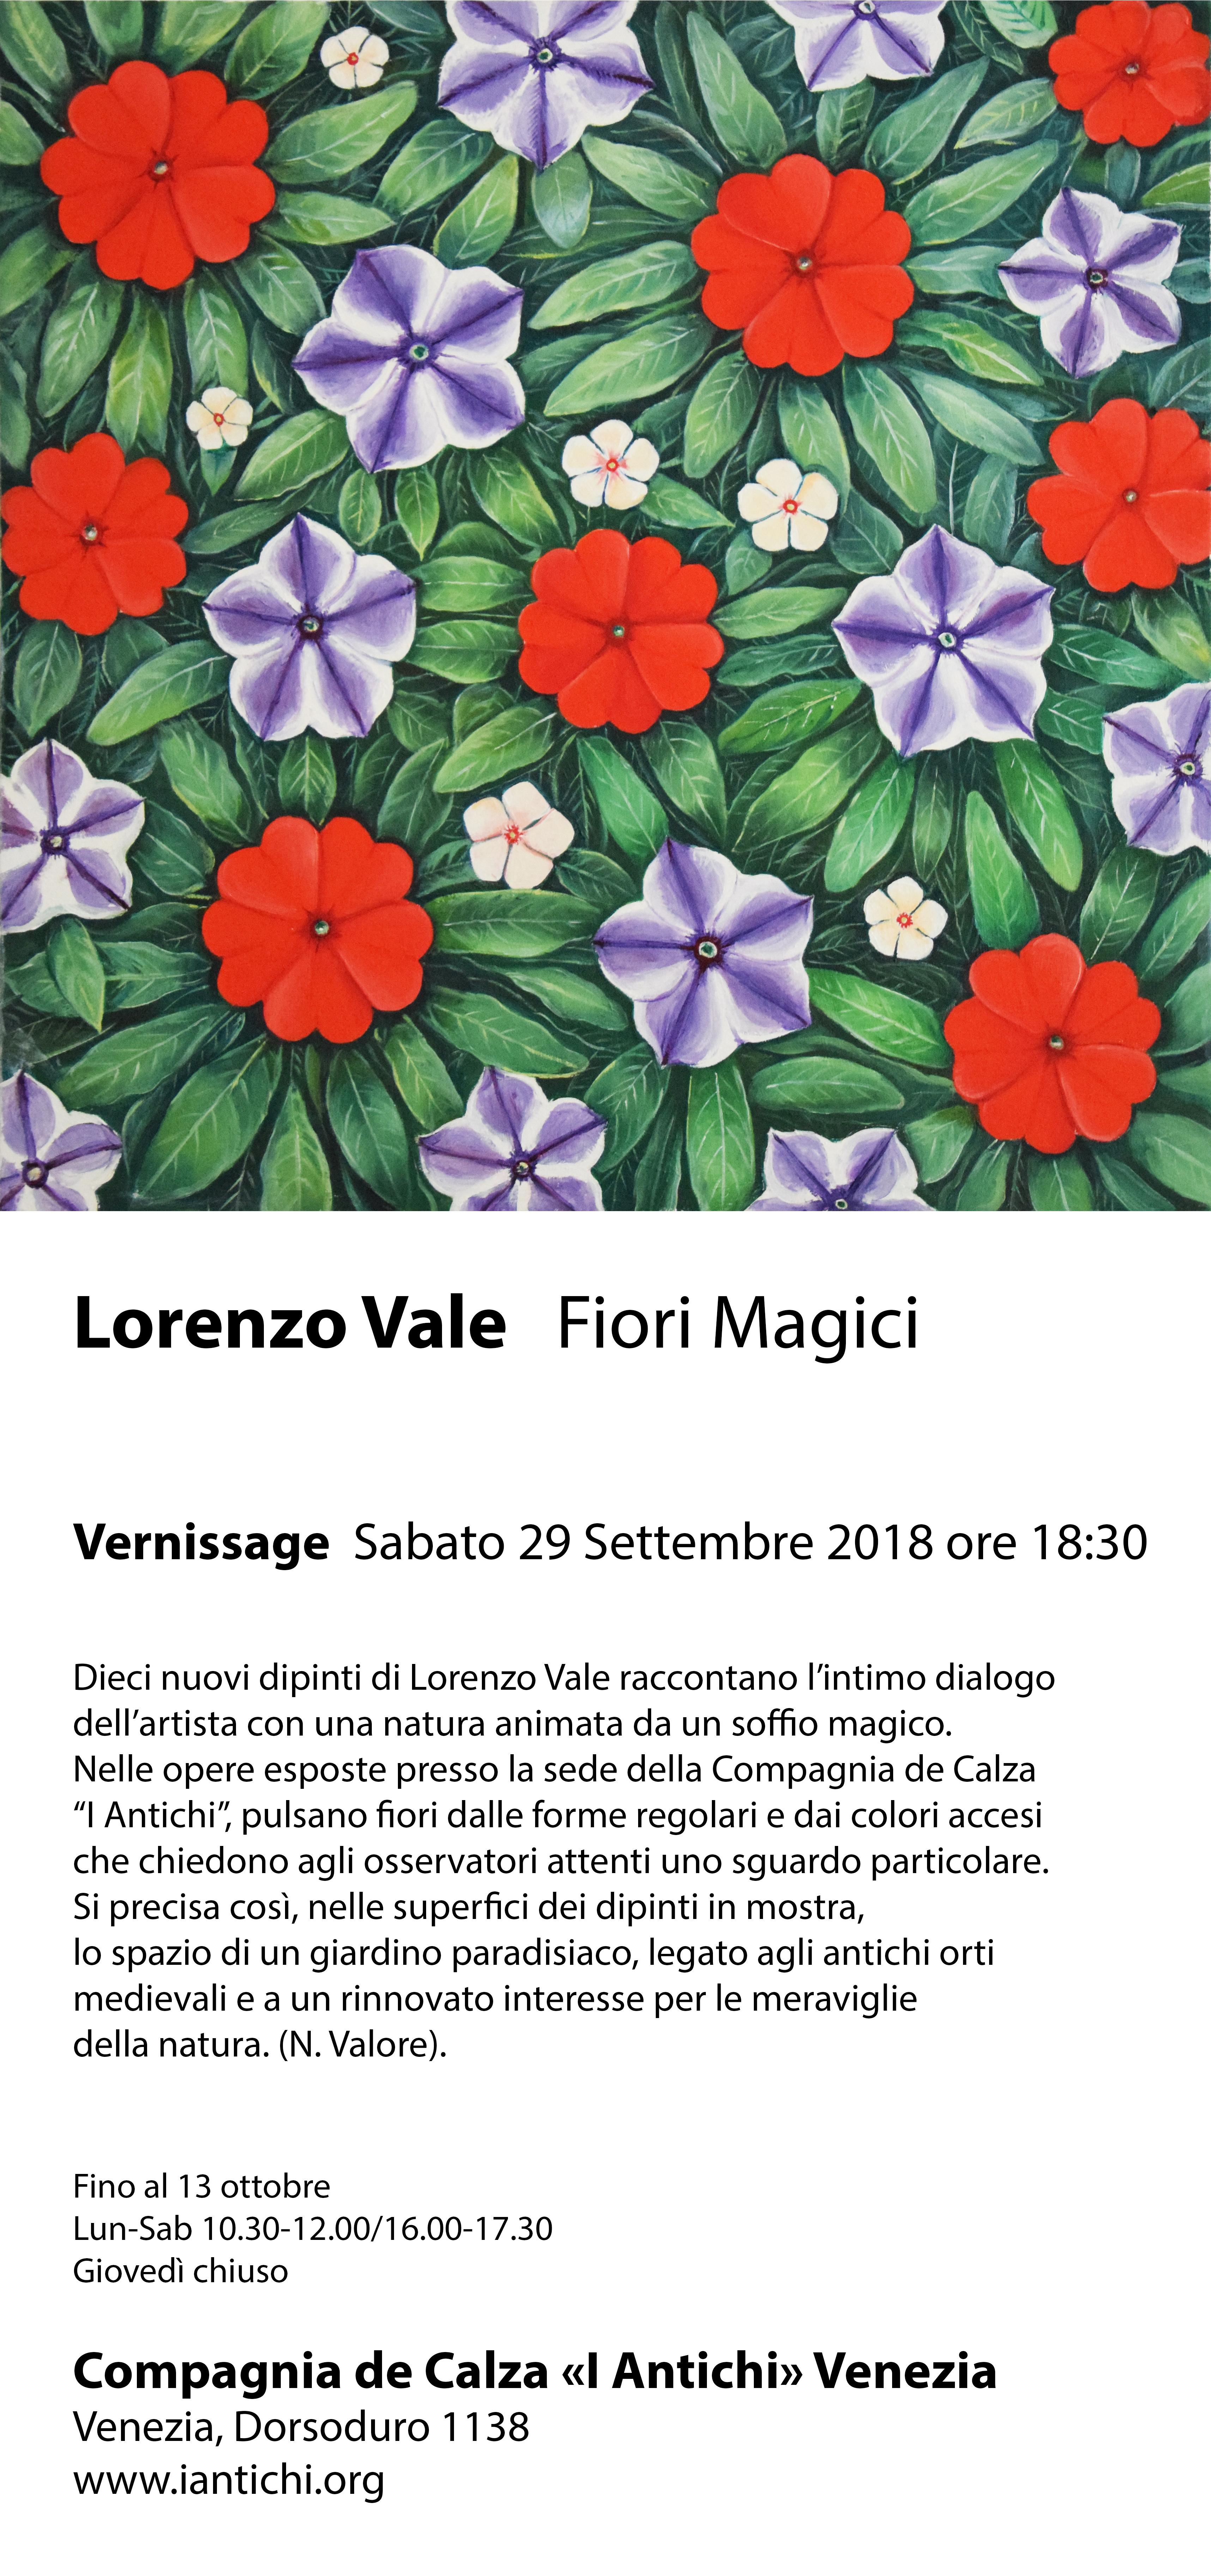 Lorenzo Vale, Fiori Magici.